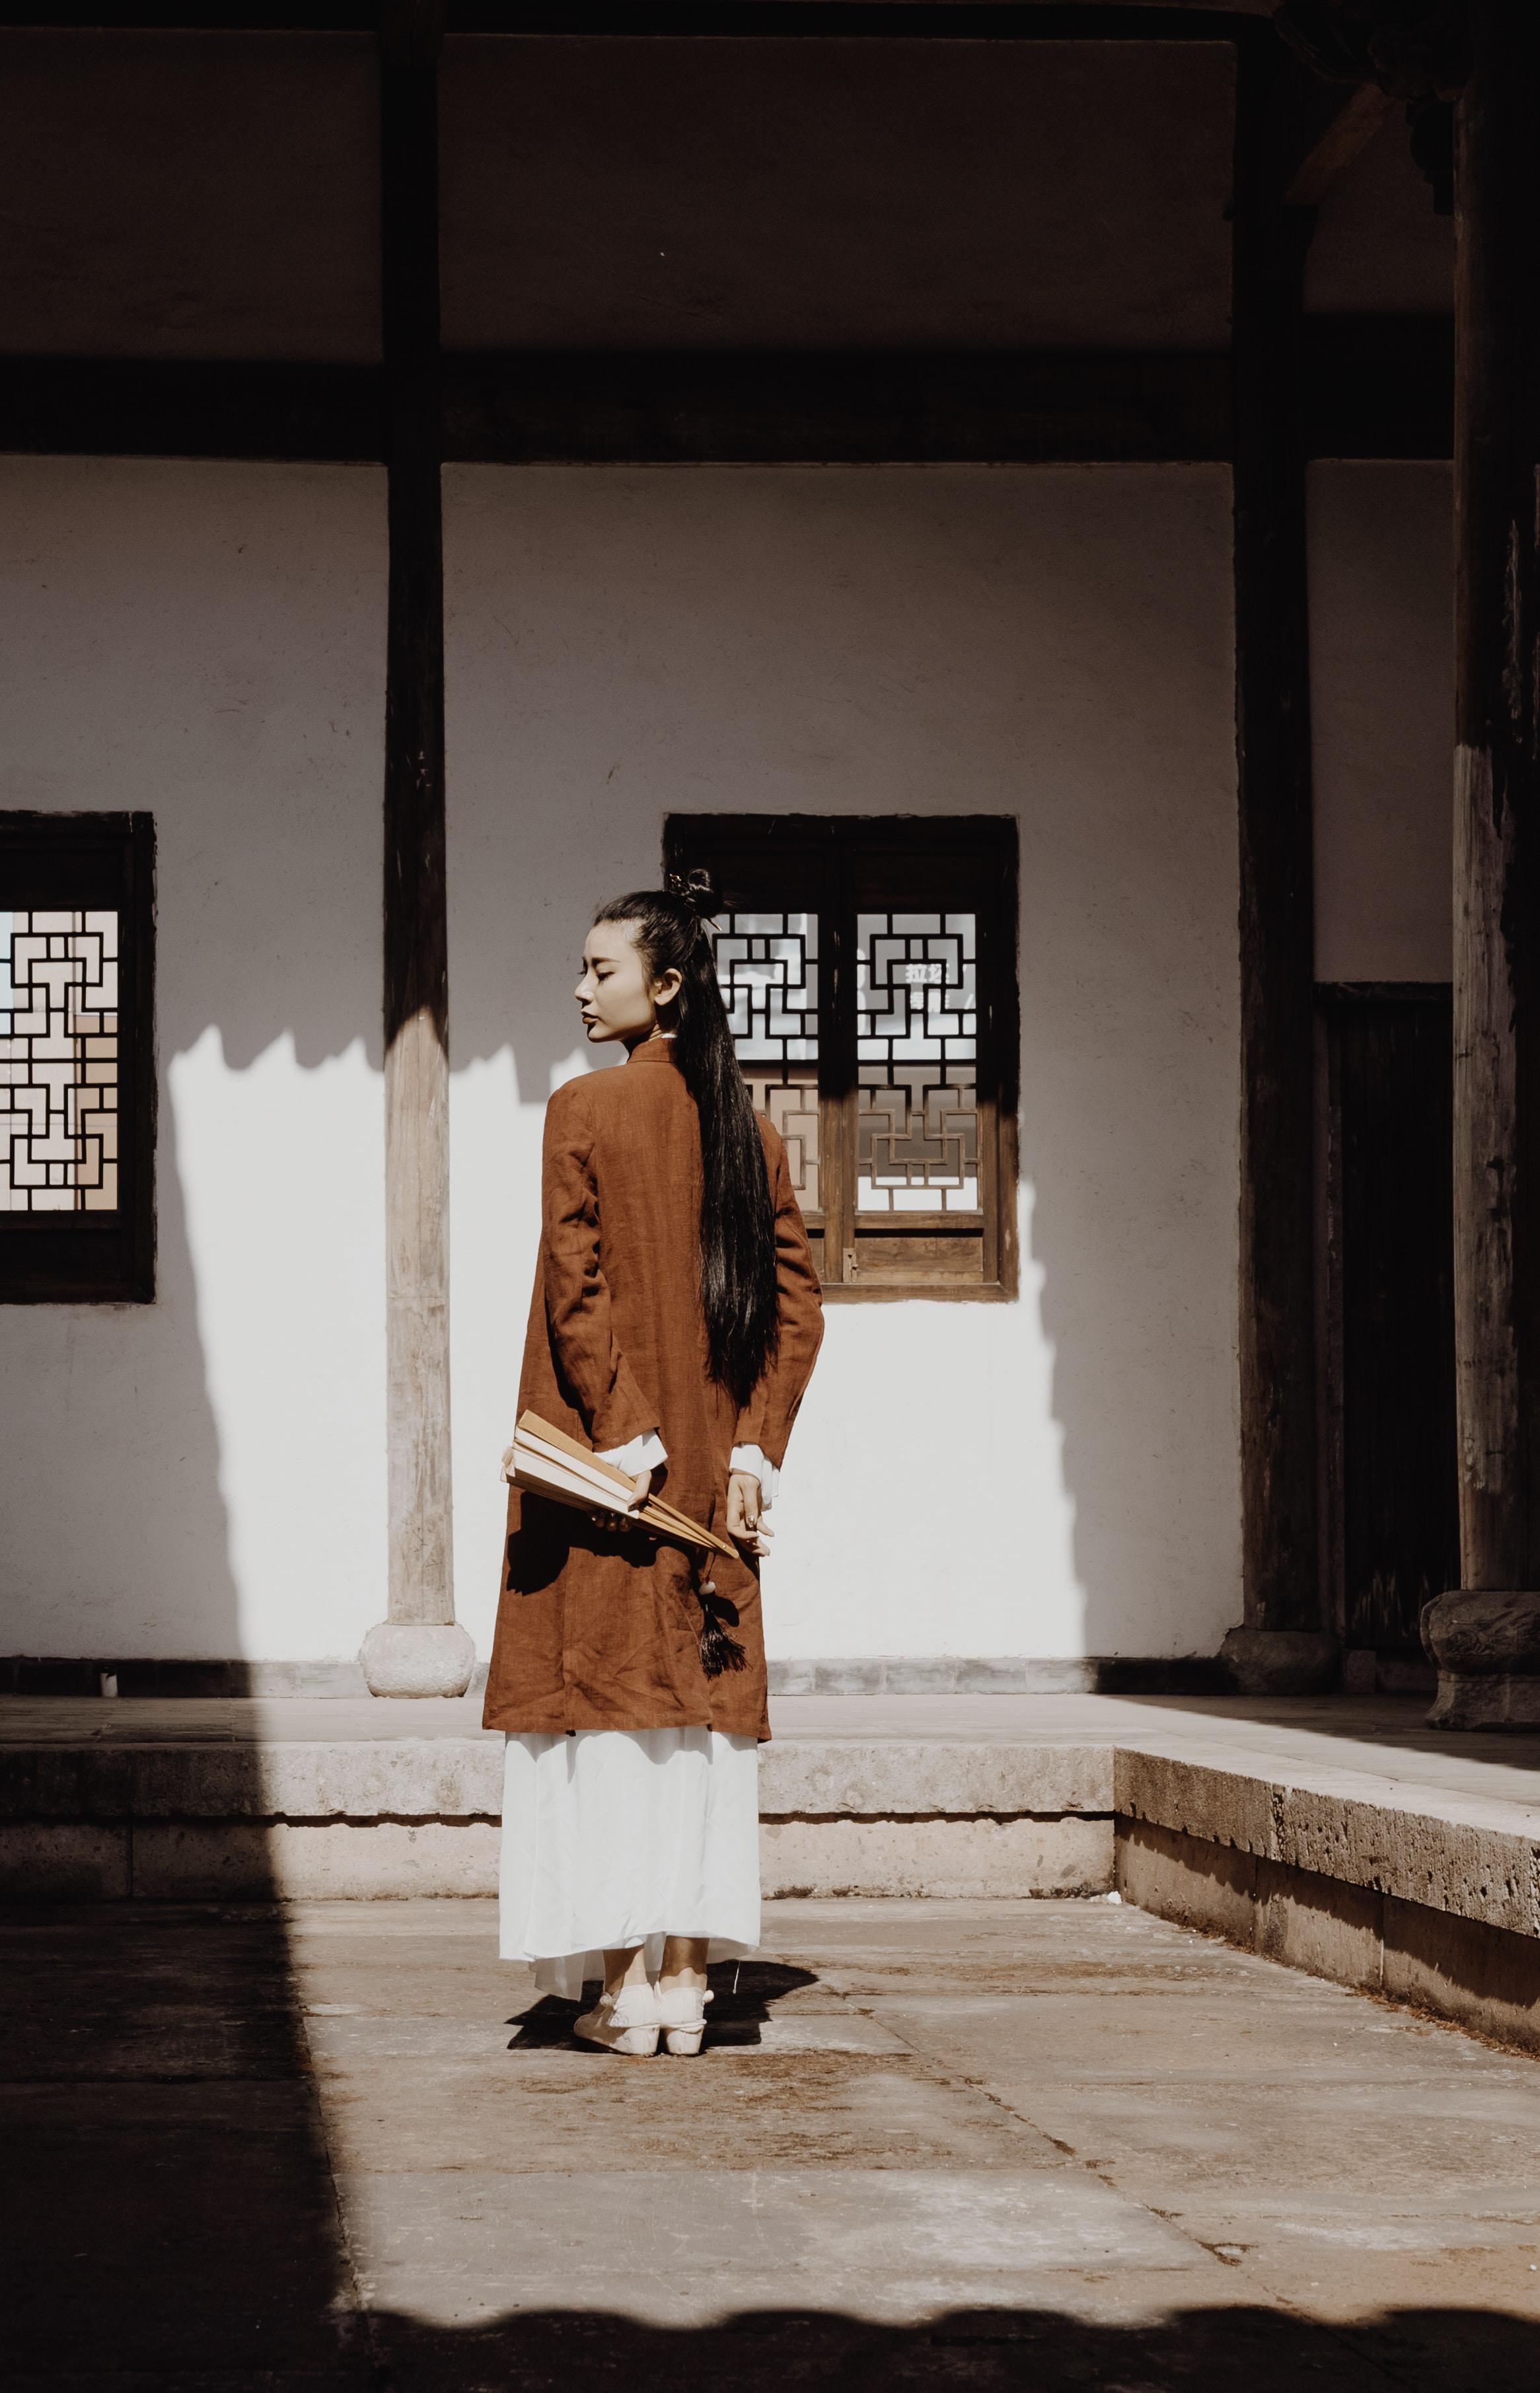 woman in brown long-sleeved dress